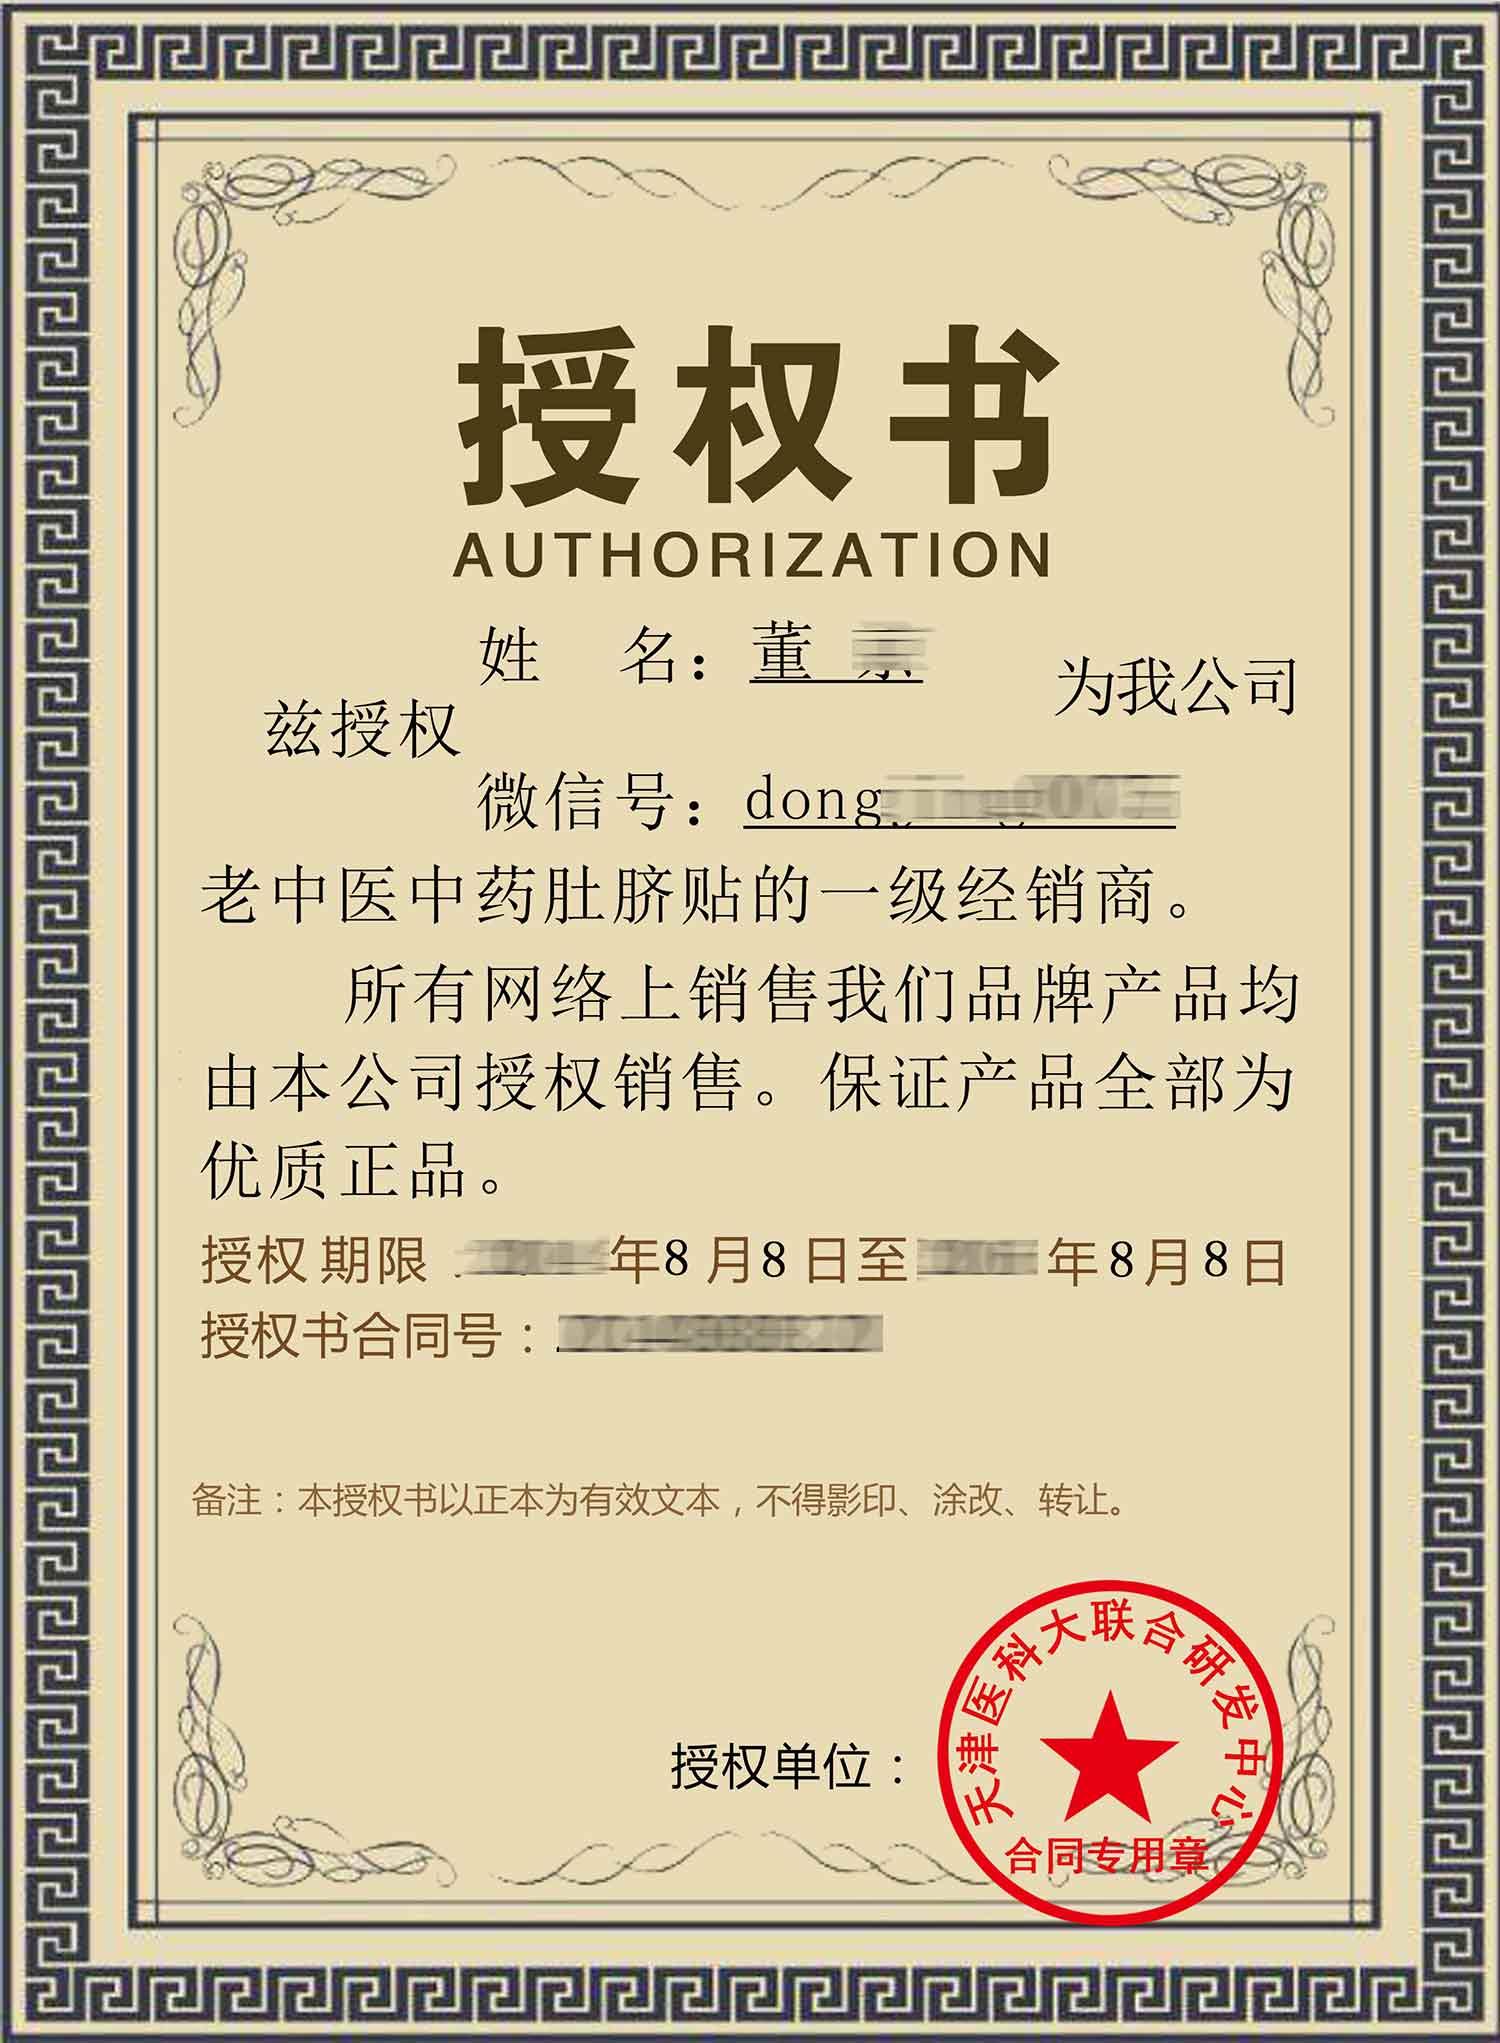 【防伪系统】2020.7月最新产品防伪查询网站源码带证书模板